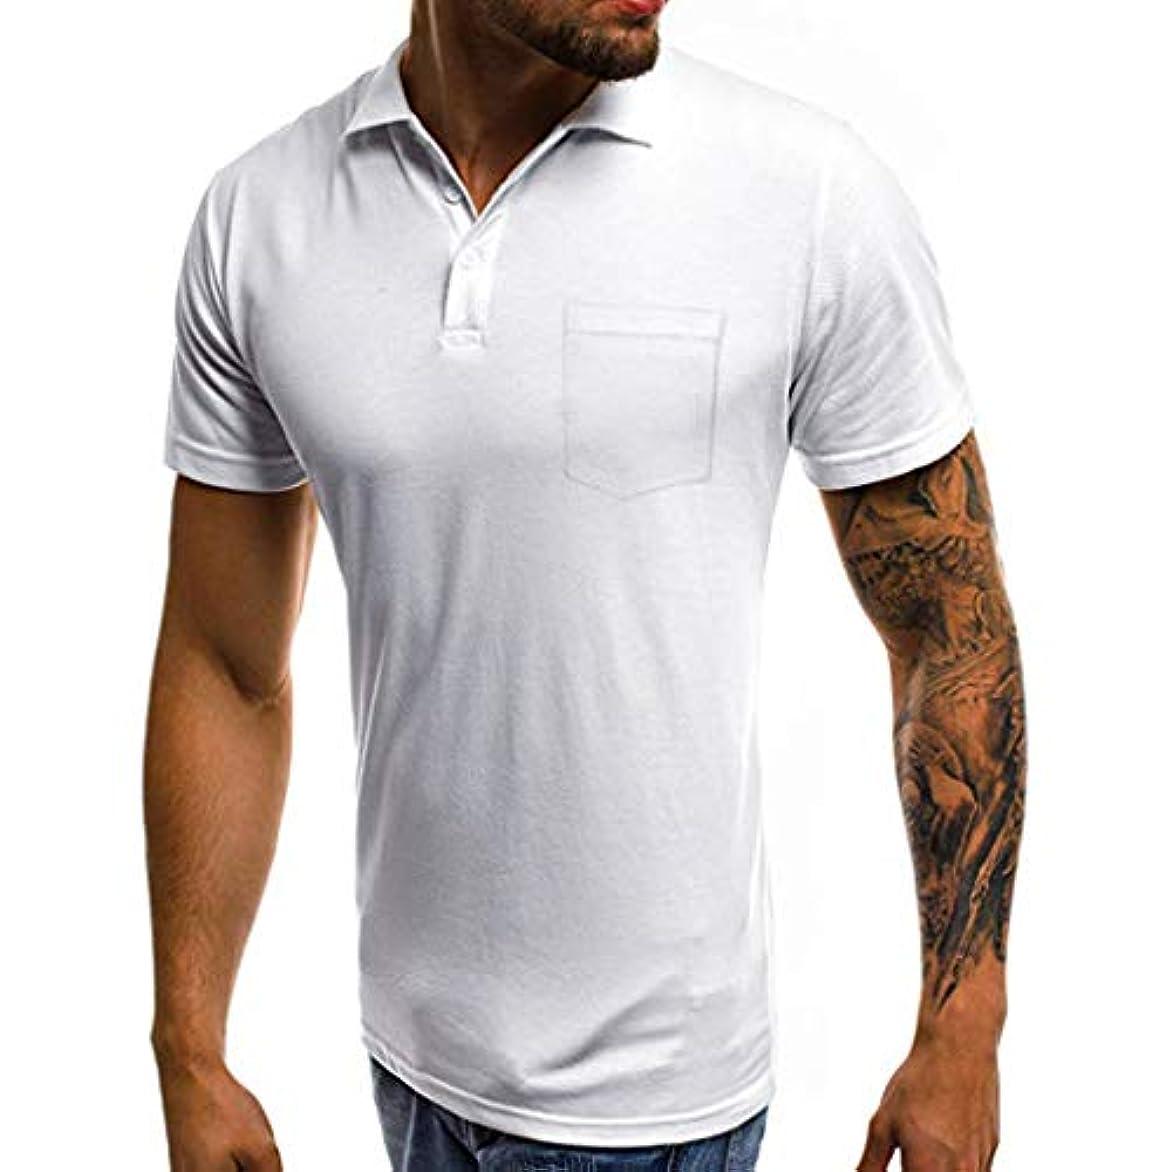 学士行列マティスGINNTOKI tシャツ メンズ カジュアル スリム 半袖 ポケット ボタンTシャツ トップ ブラウス ラペルポケット半袖 キャップなし ファッションメンズ (ホワイト, M)